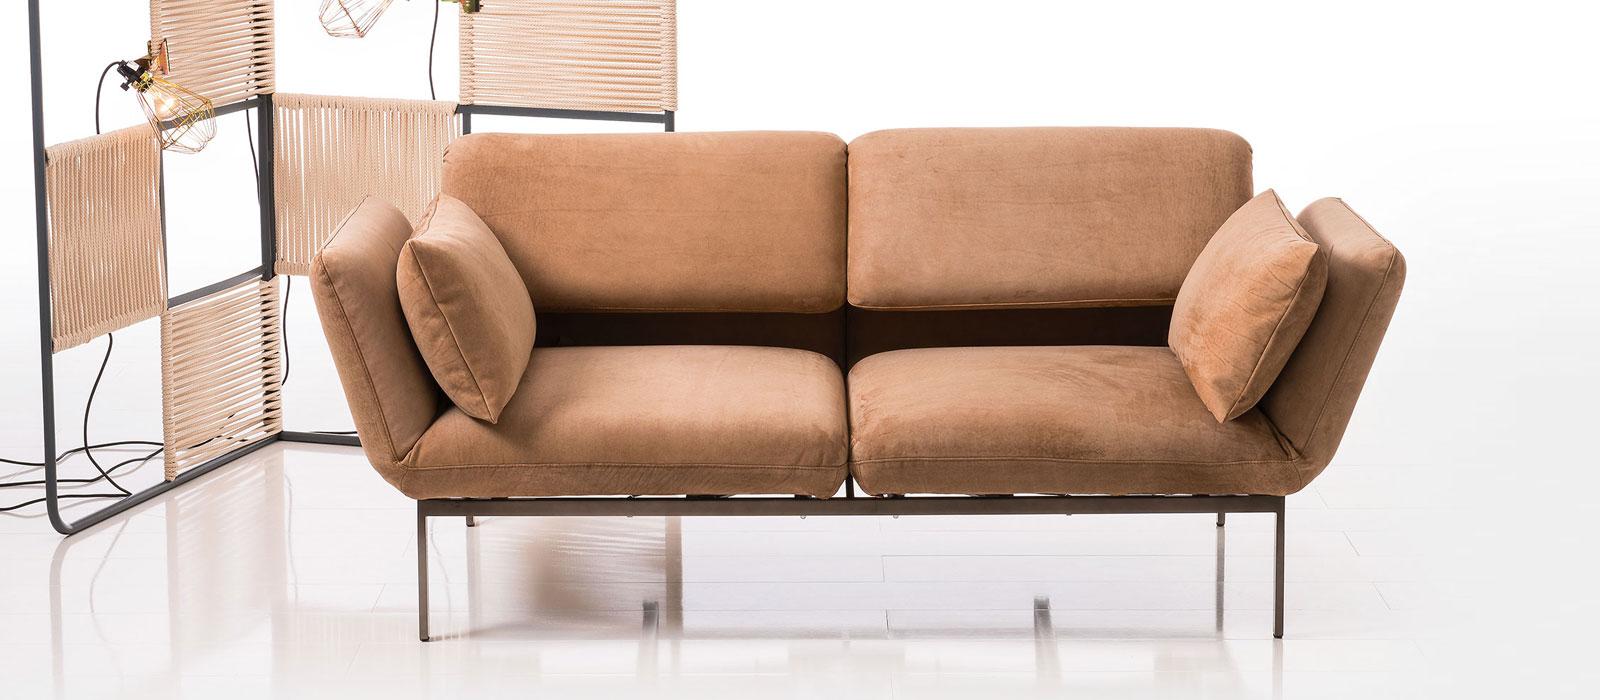 Full Size of Sofa Sitzhöhe 55 Cm Roro Medium Schlafsofa Von Brhl Sofabed Sofort Lieferbar Bullfrog Blau Garten Ecksofa Regal 60 Tief 3 Sitzer Angebote Xxl U Form Grün Sofa Sofa Sitzhöhe 55 Cm